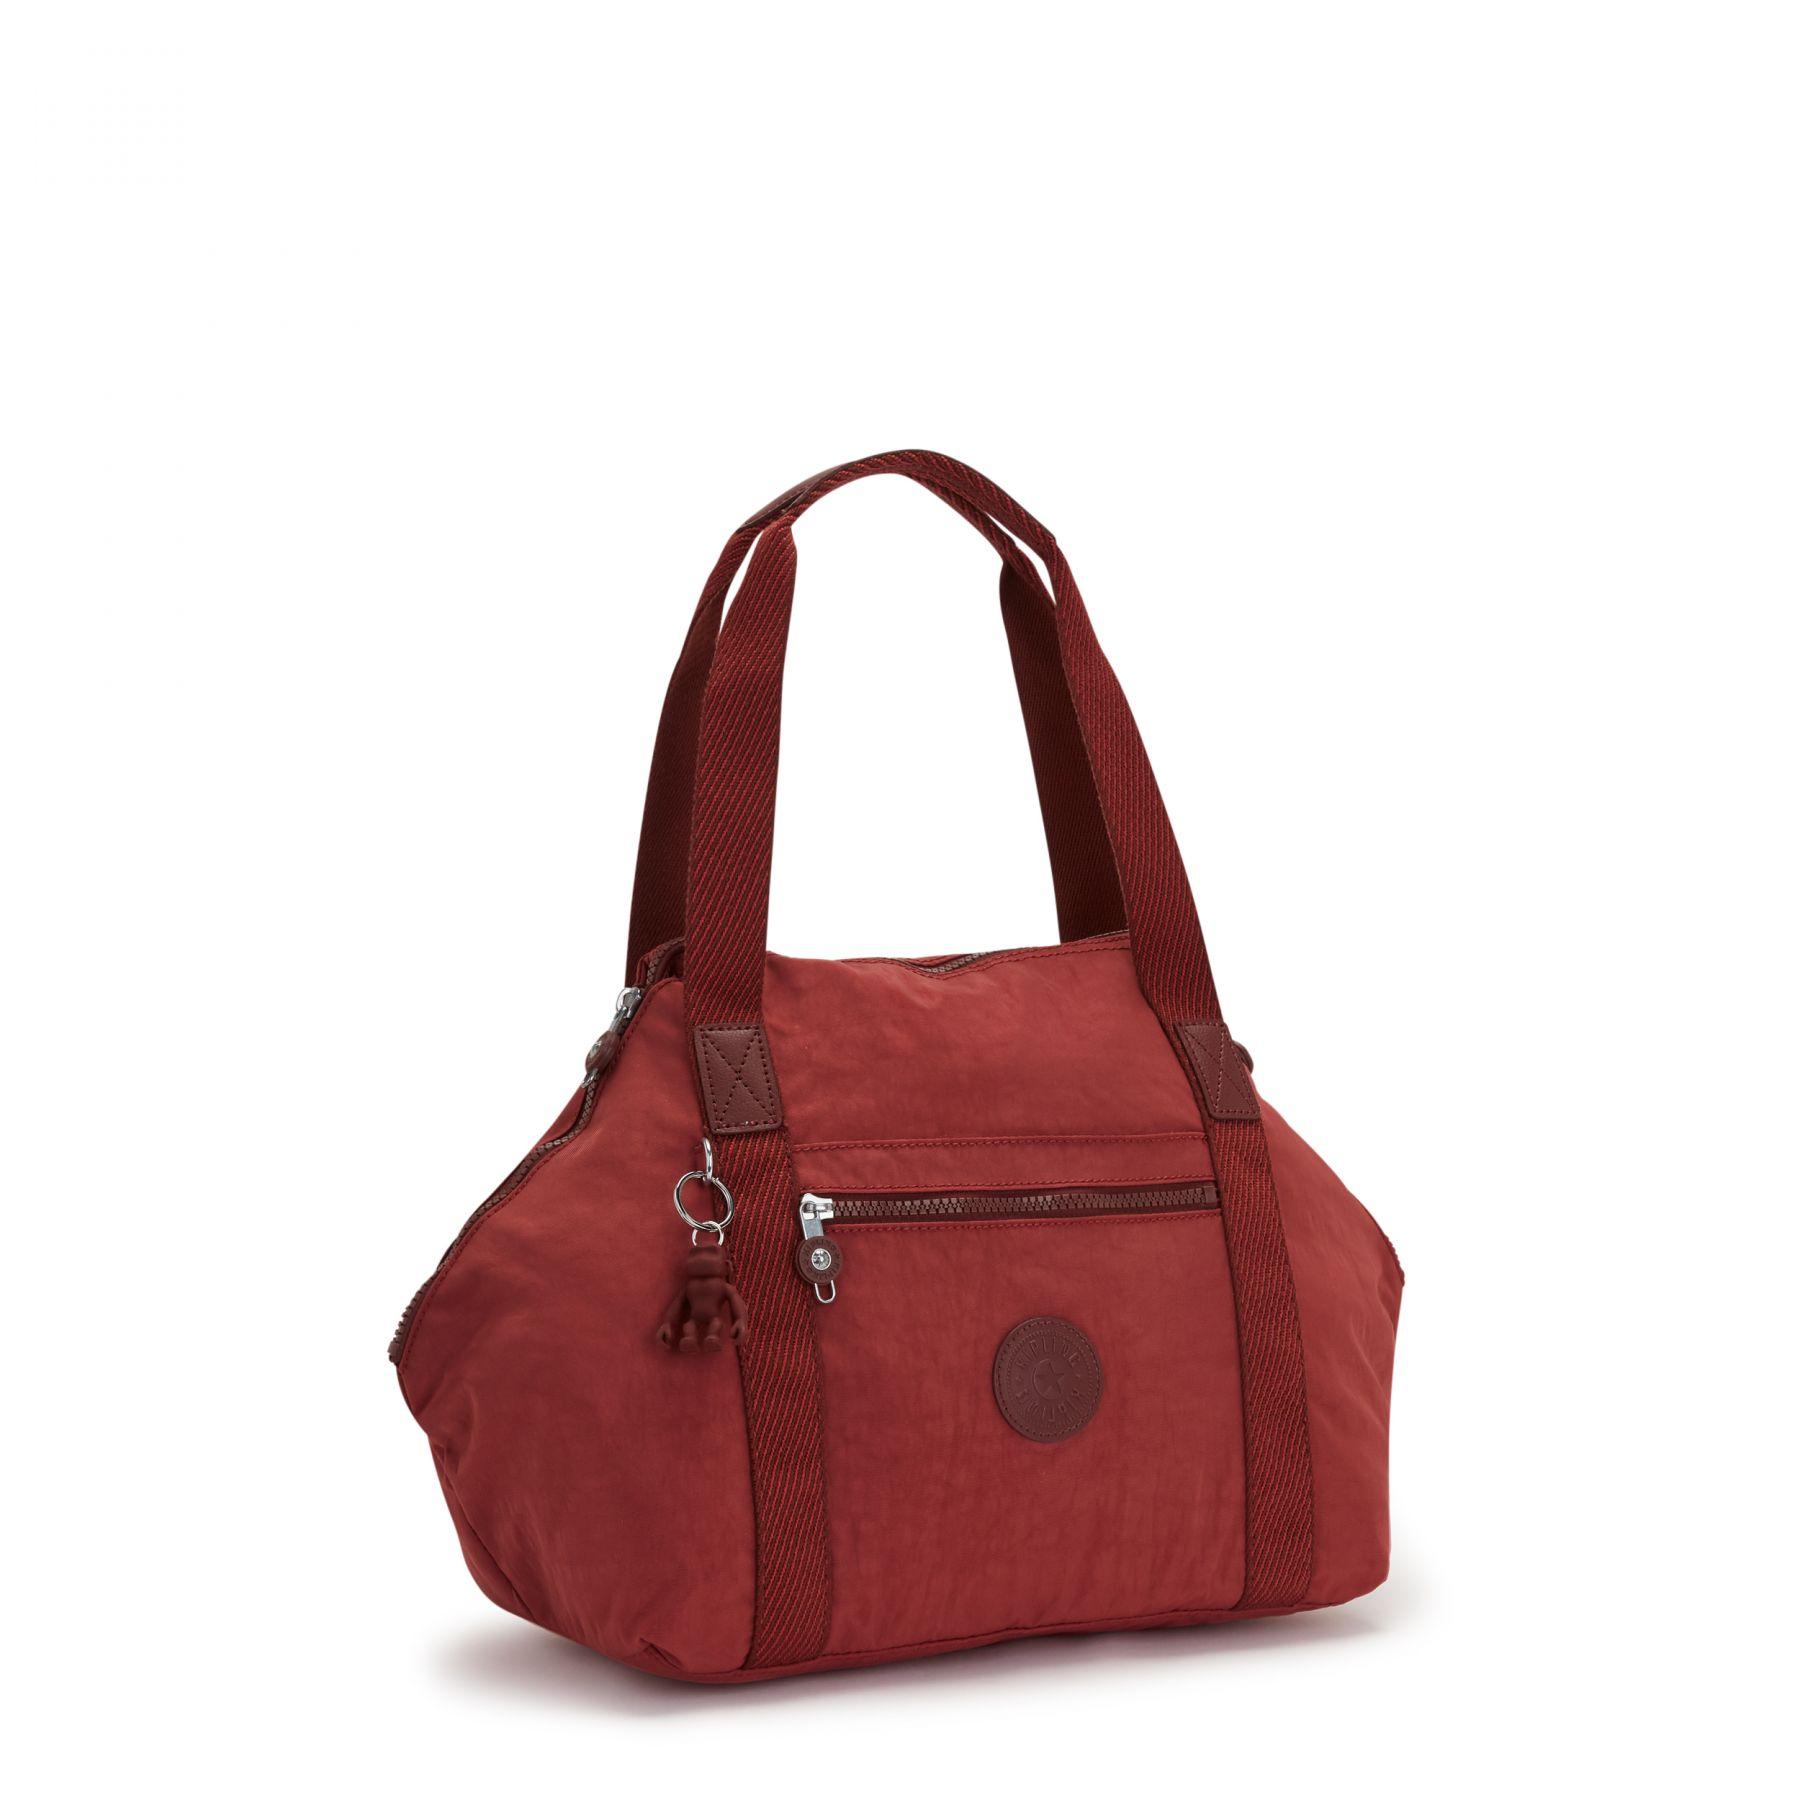 ART BAGS by Kipling - view 5